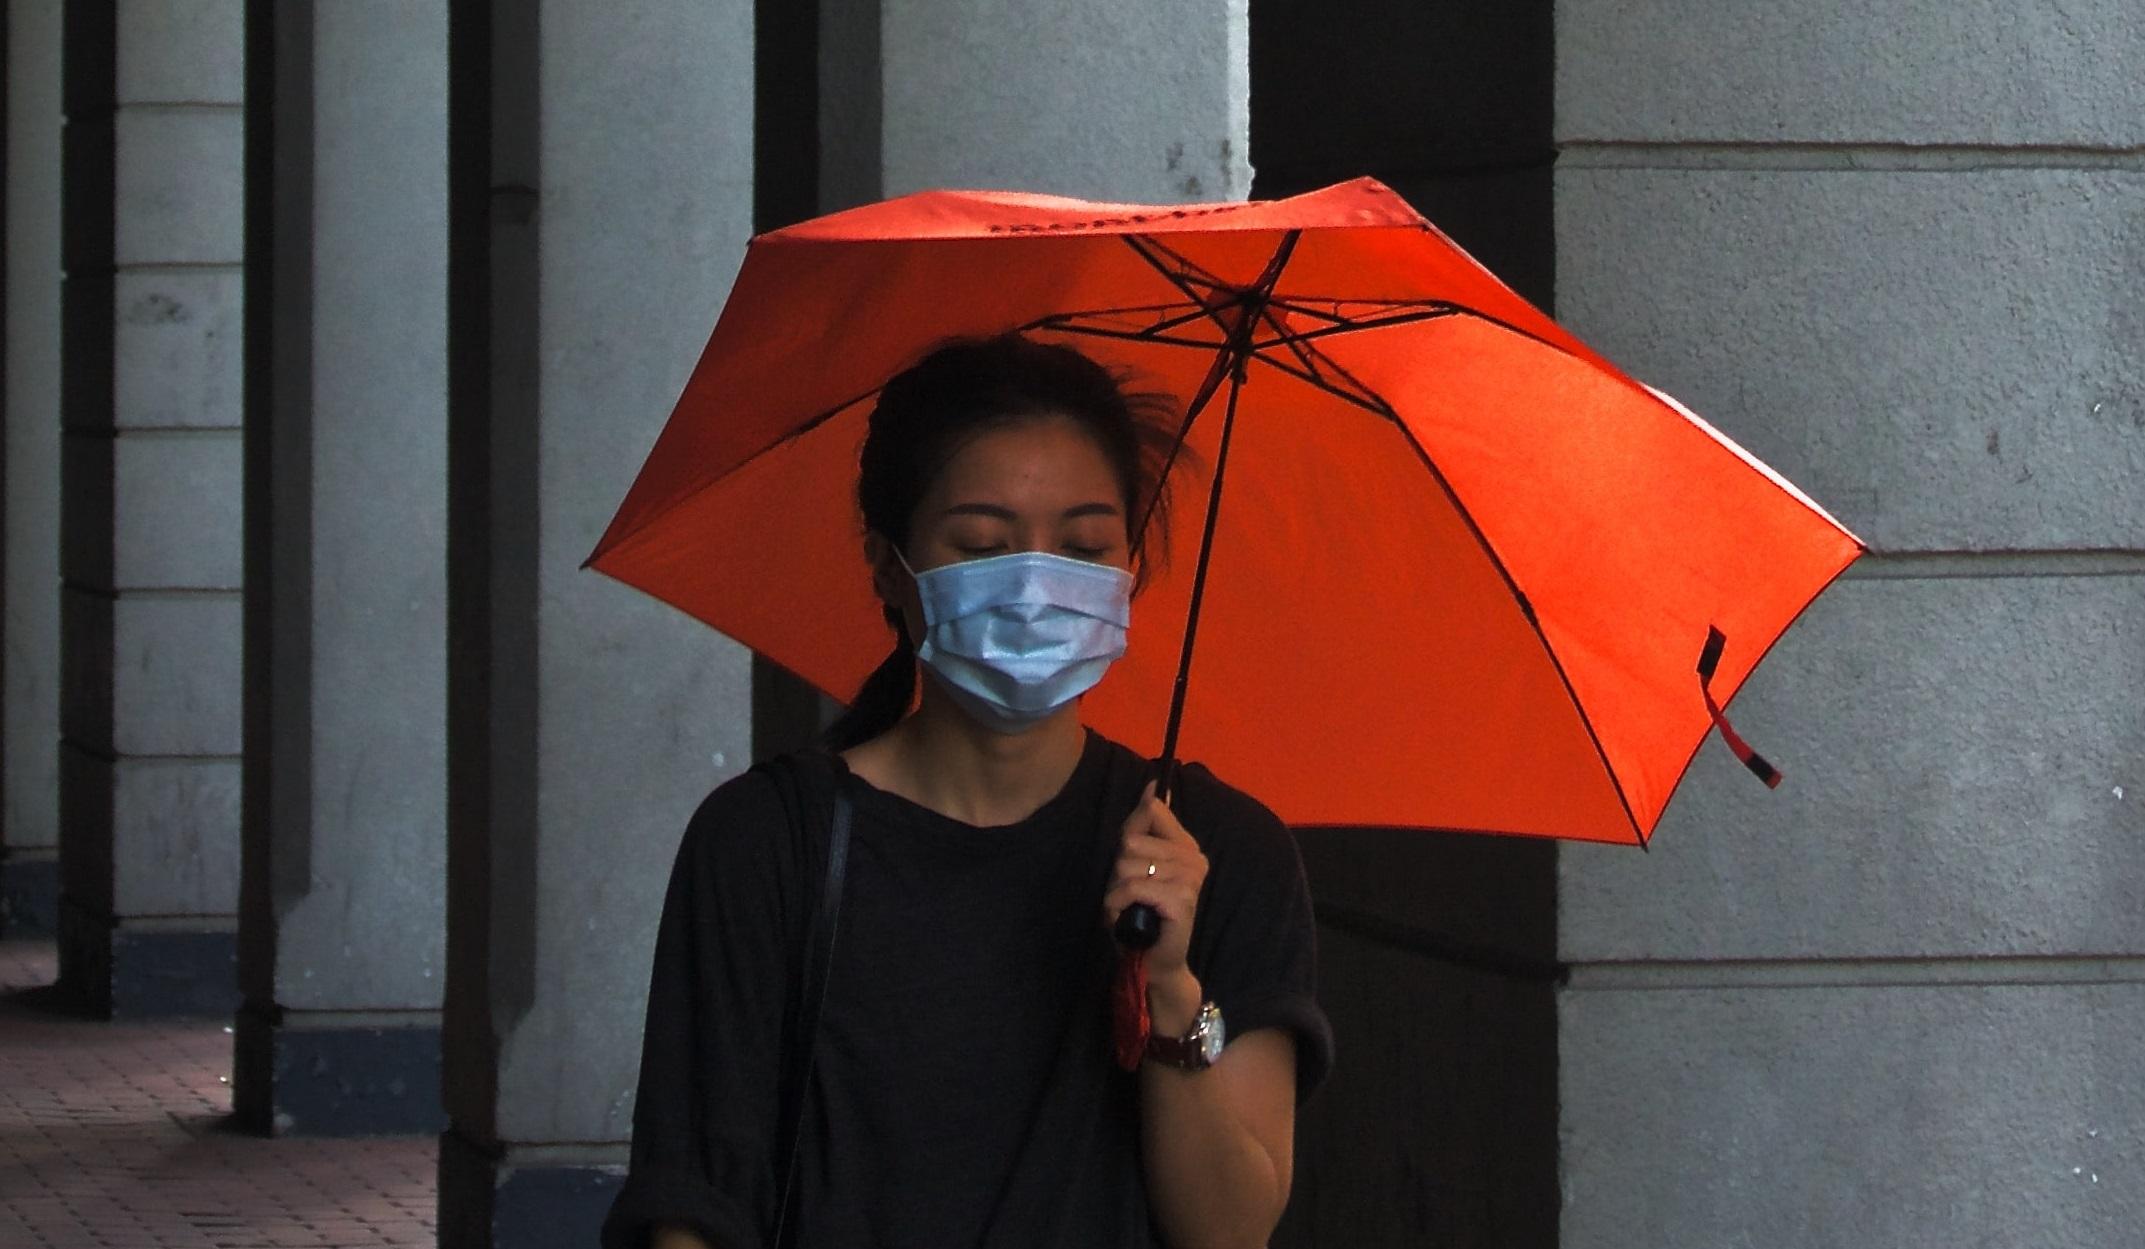 China și Coreea de Sud raportează creșterea numărului de cazuri noi după relaxarea măsurilor